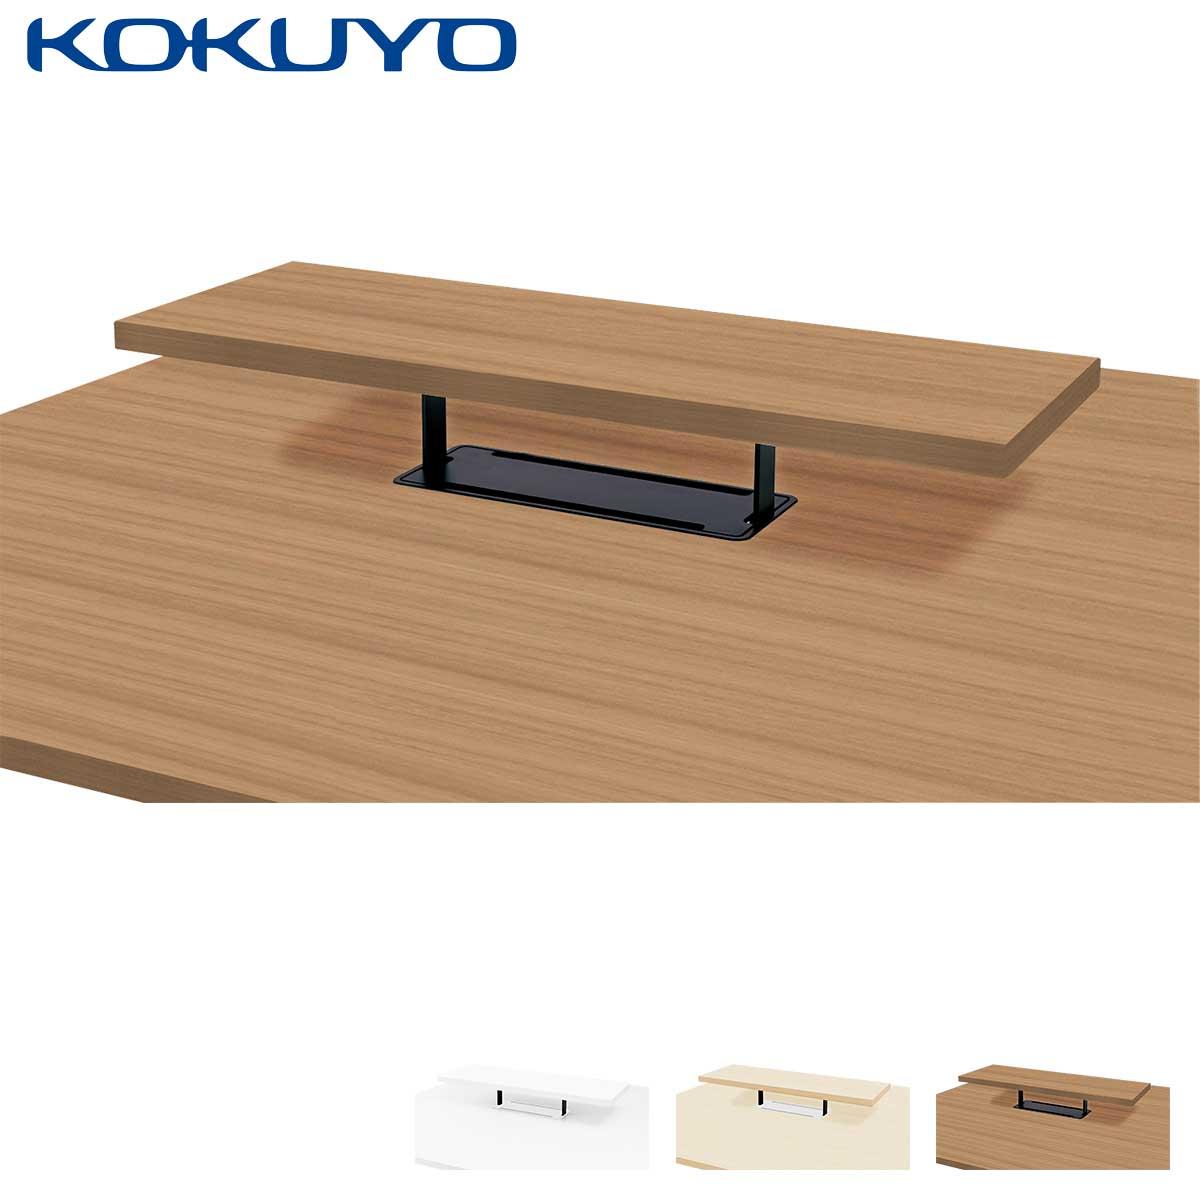 コクヨ ワークデスク テーブル INVENT-FS インベントフリースタイルデスク DFSS-K0803 インベントFSデスク専用 デスクトップシェルフ 幅78.5×奥行27cm